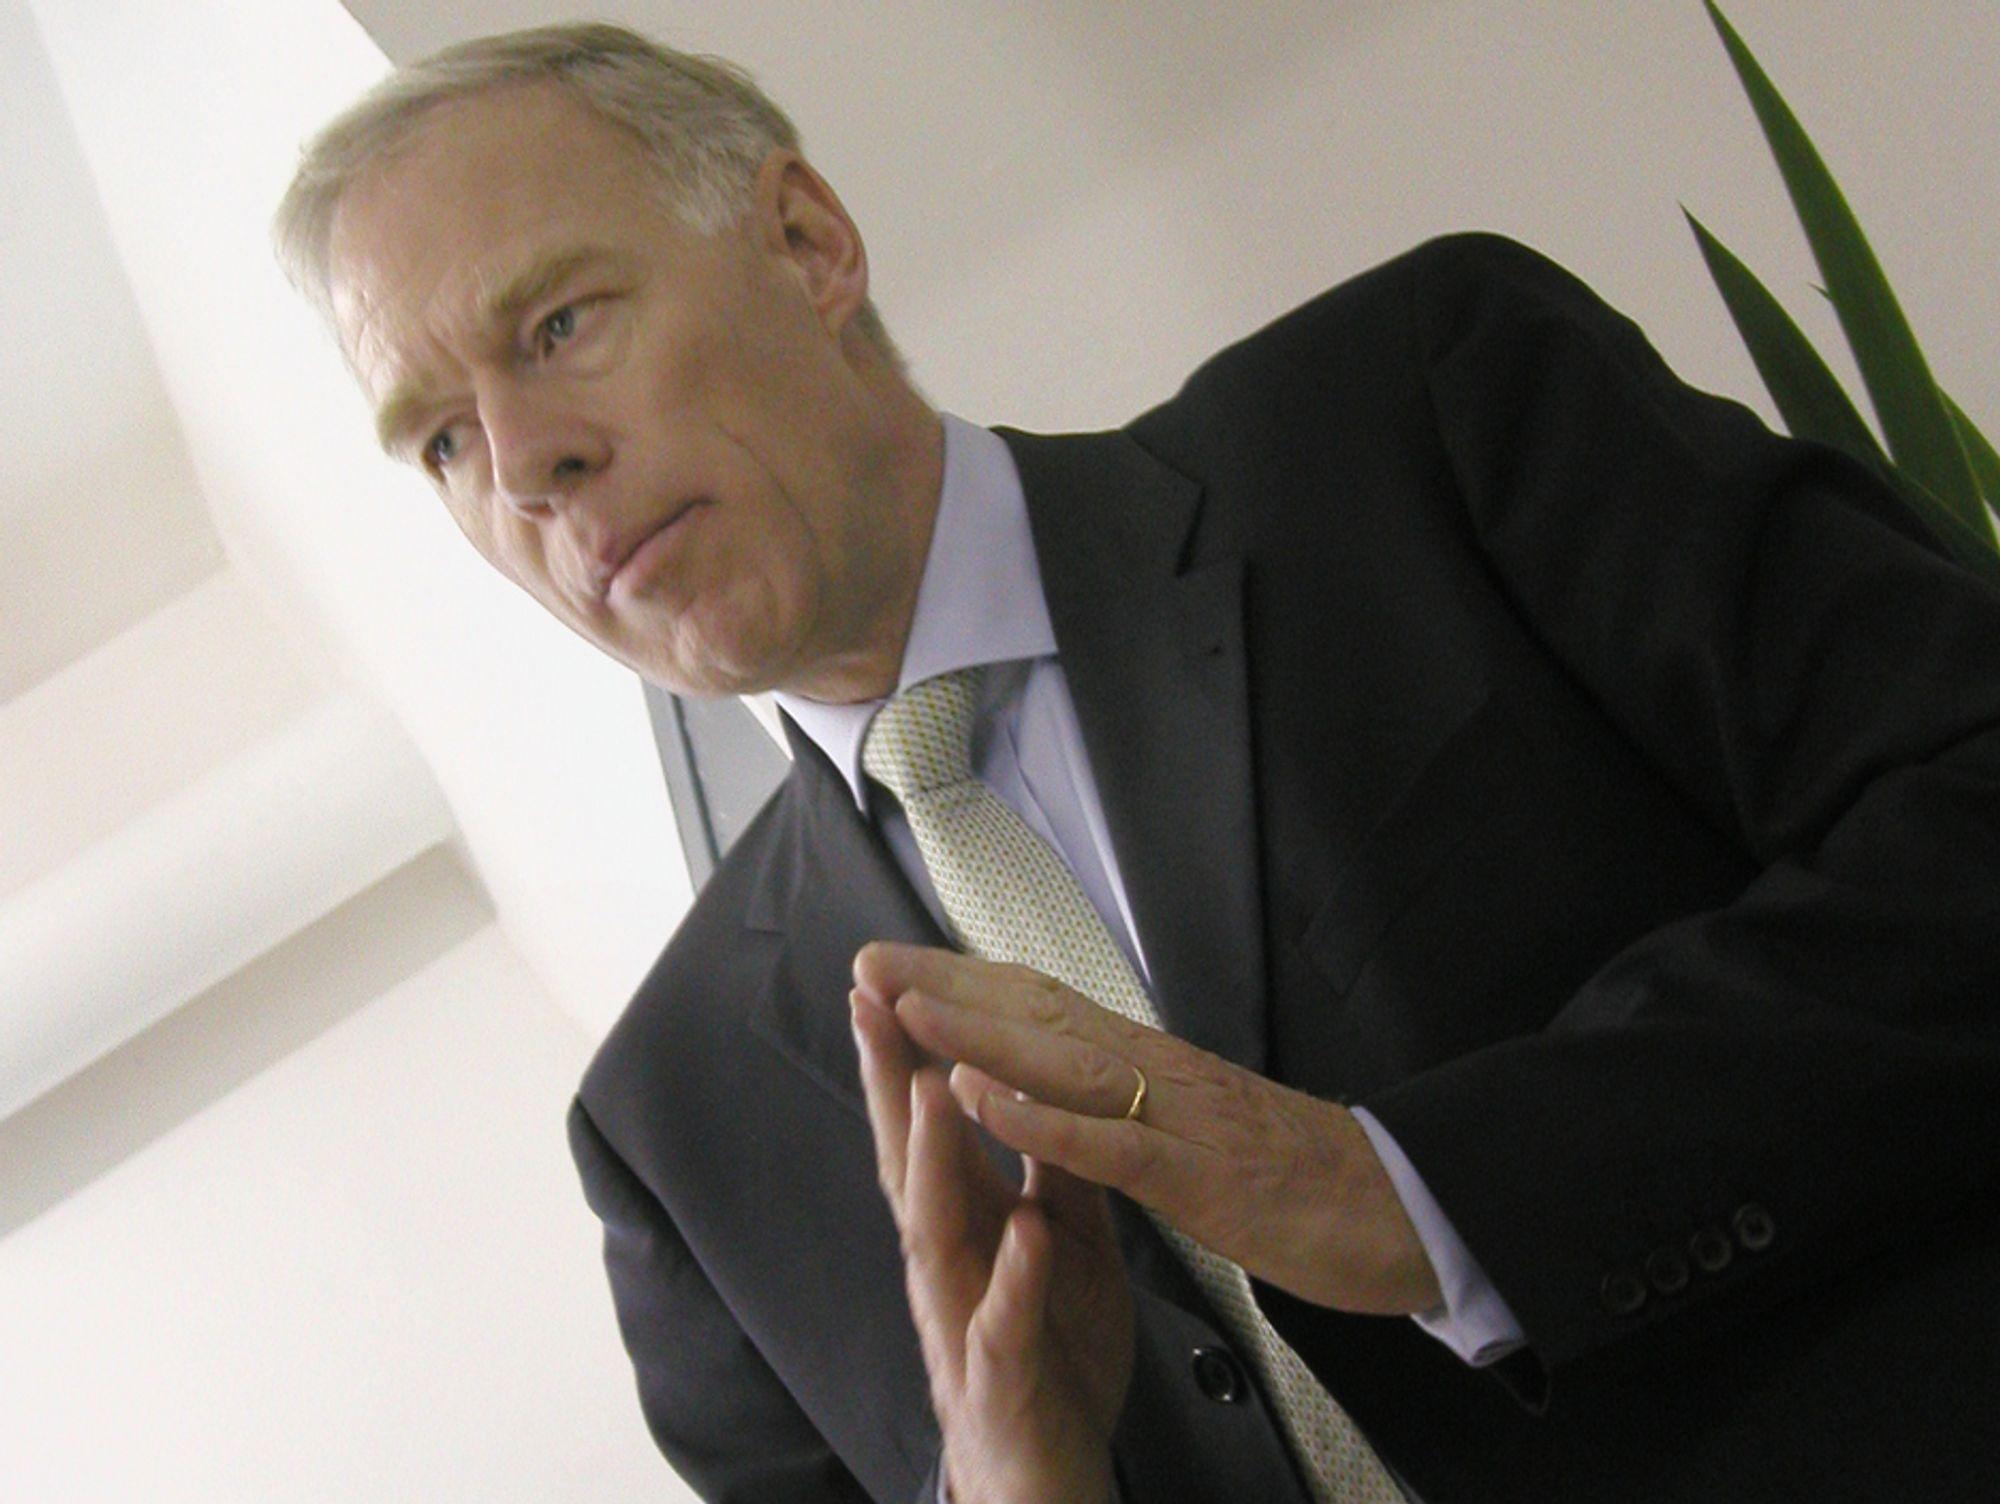 VIL HA NY LEDELSE: Anders Igel kom inn som sjef i forbindelse med sammenslåingen av svenske Telia og finske Sonera i 2002. Nå har styret fått nok av ham.